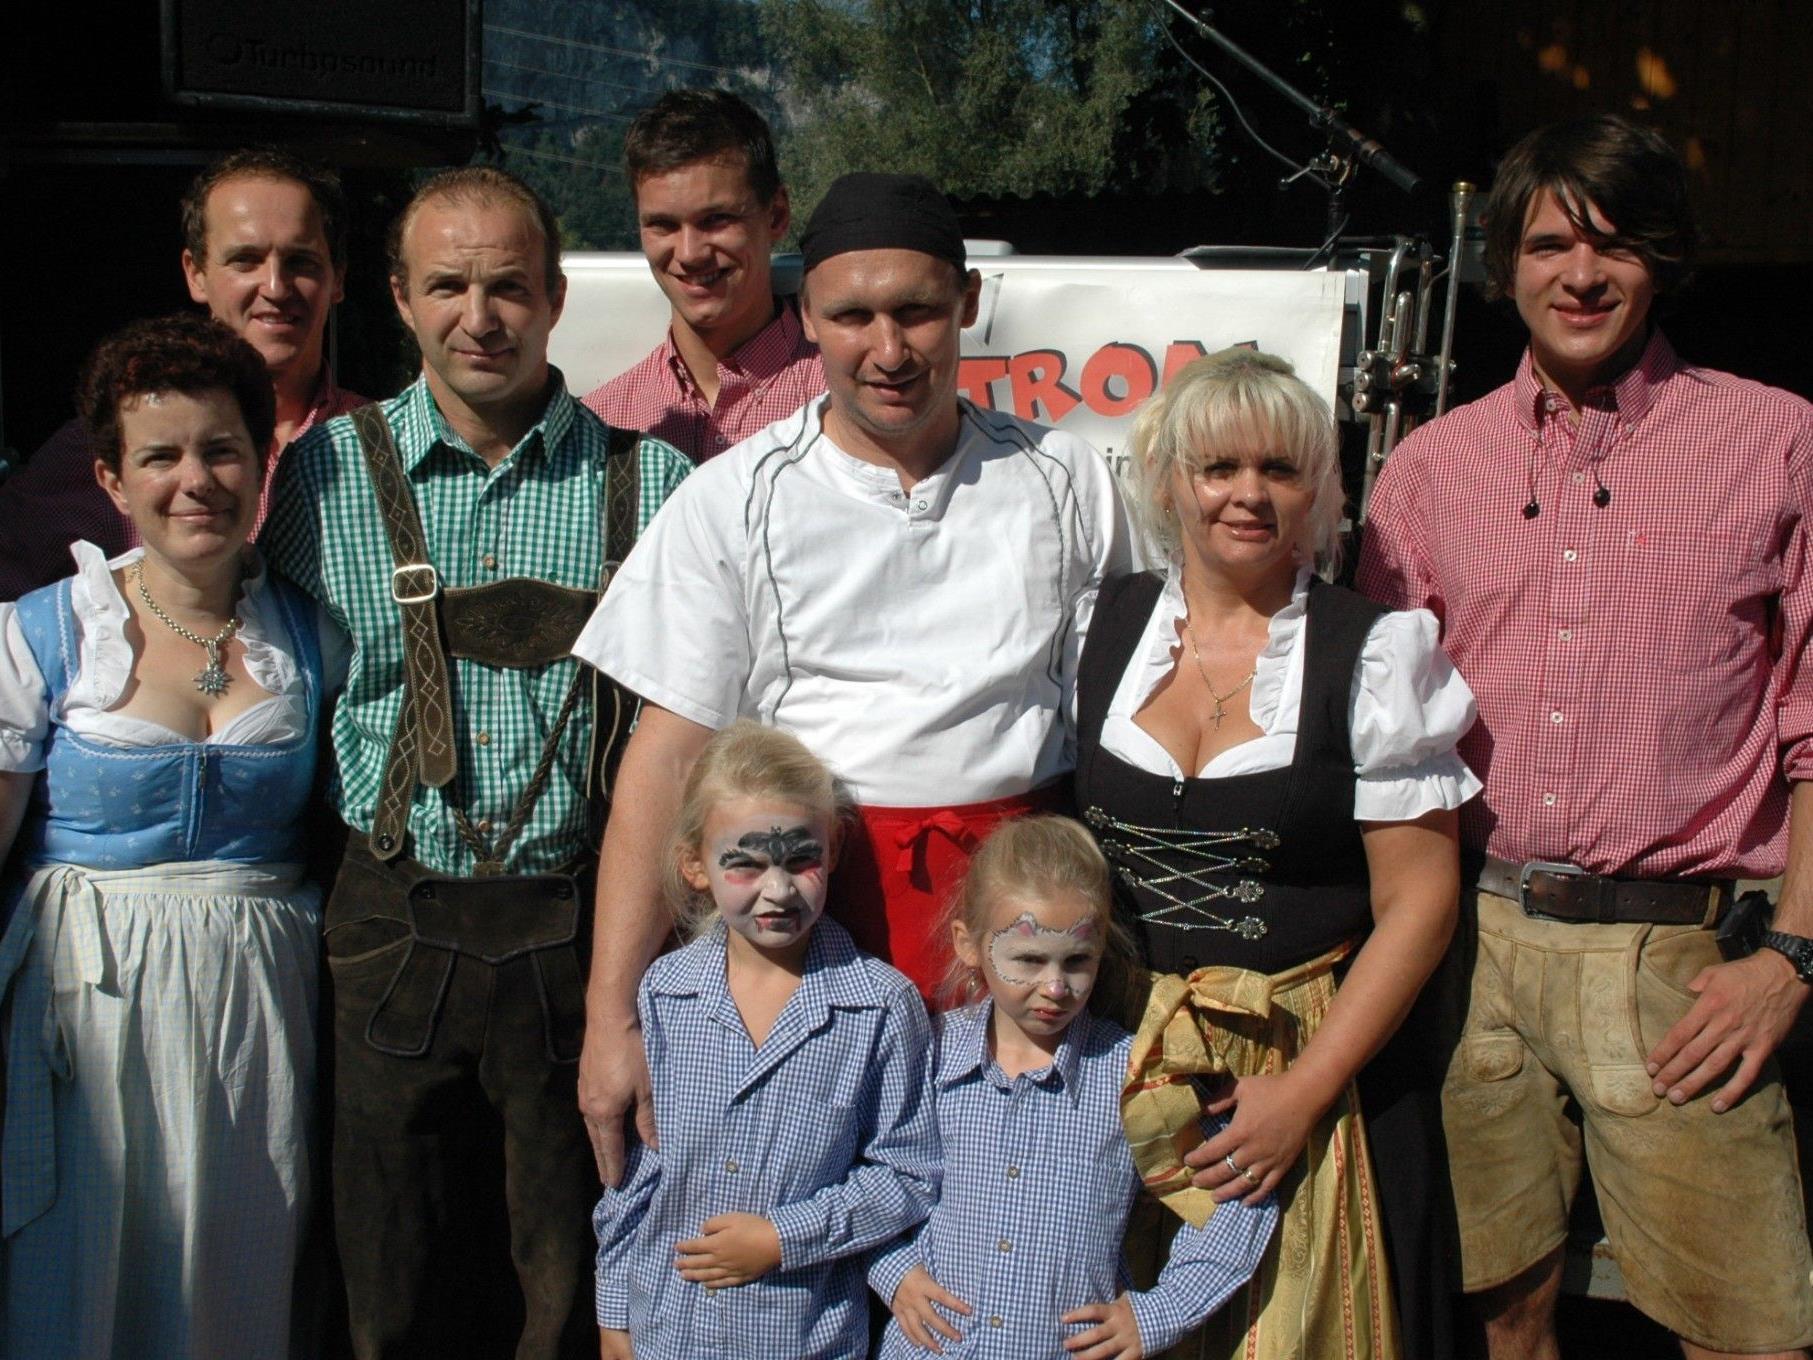 Organisierten eine Spendenaktion und einen Frühschoppen für den kleinen Emilian: Harald Pollaczek, Maria Birnbaumer, Manuela & Stefan Metzler mit Anna-Lena & Raphaela